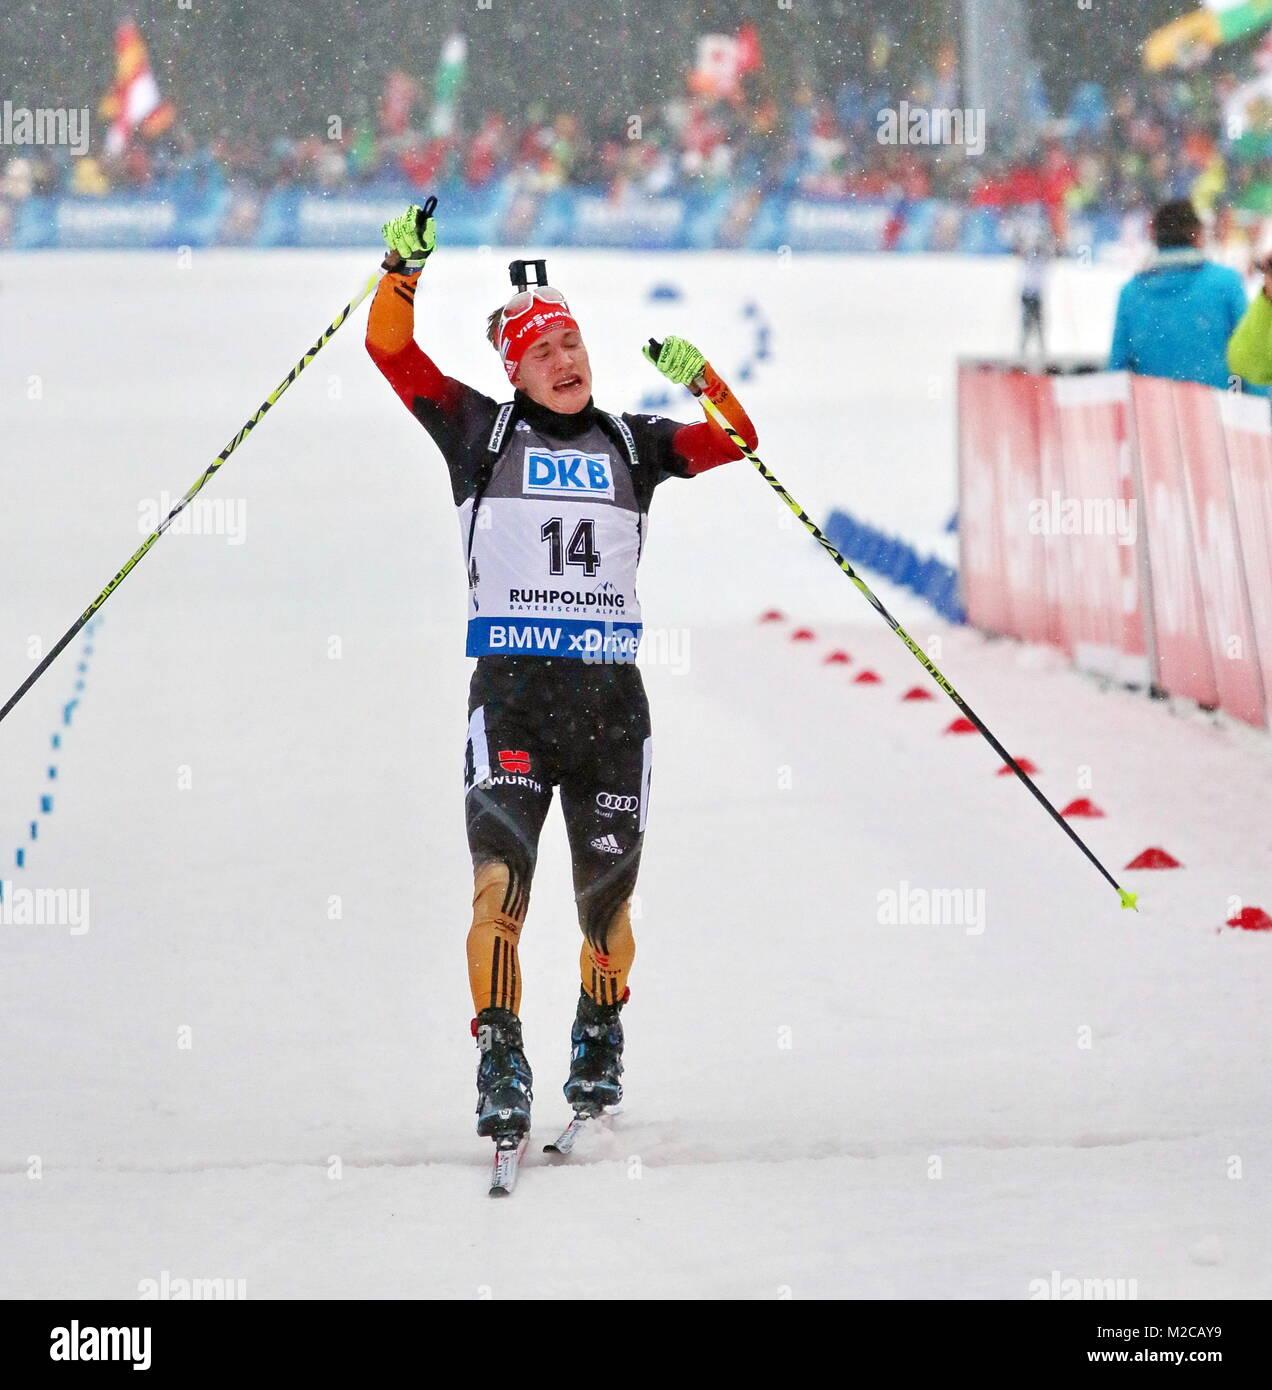 Mit verbissenem Gesicht und kleinem Ausfallschritt auf Rang sechs: Benedikt Doll beim IBU Weltcup Biathlon Sprint in Ruhpolding Stock Photo